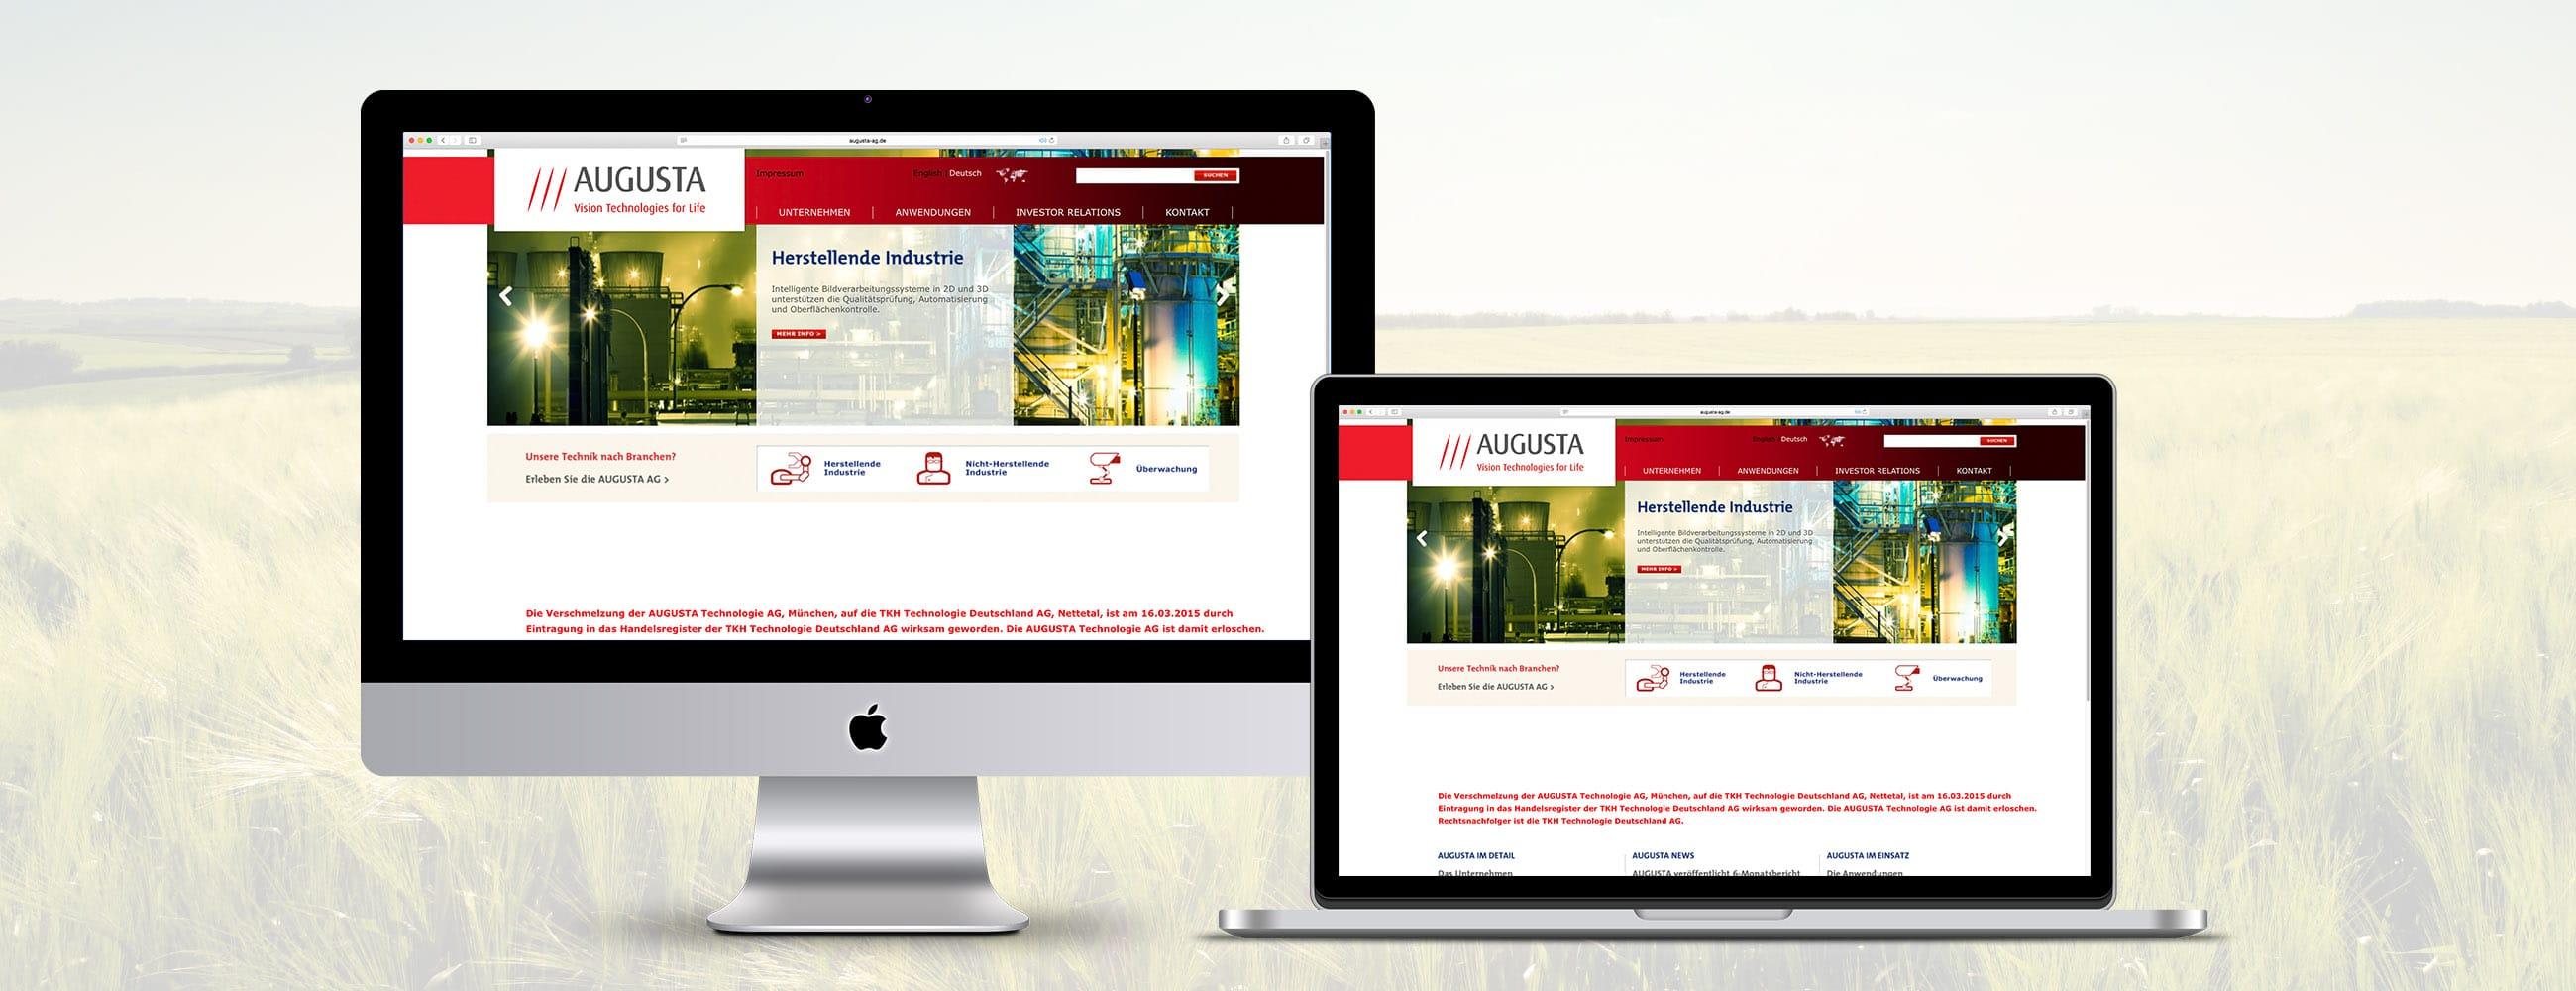 Augusta München Website Investor Relations IR Geschäftsbericht Unternehmenskommunikation Contigo